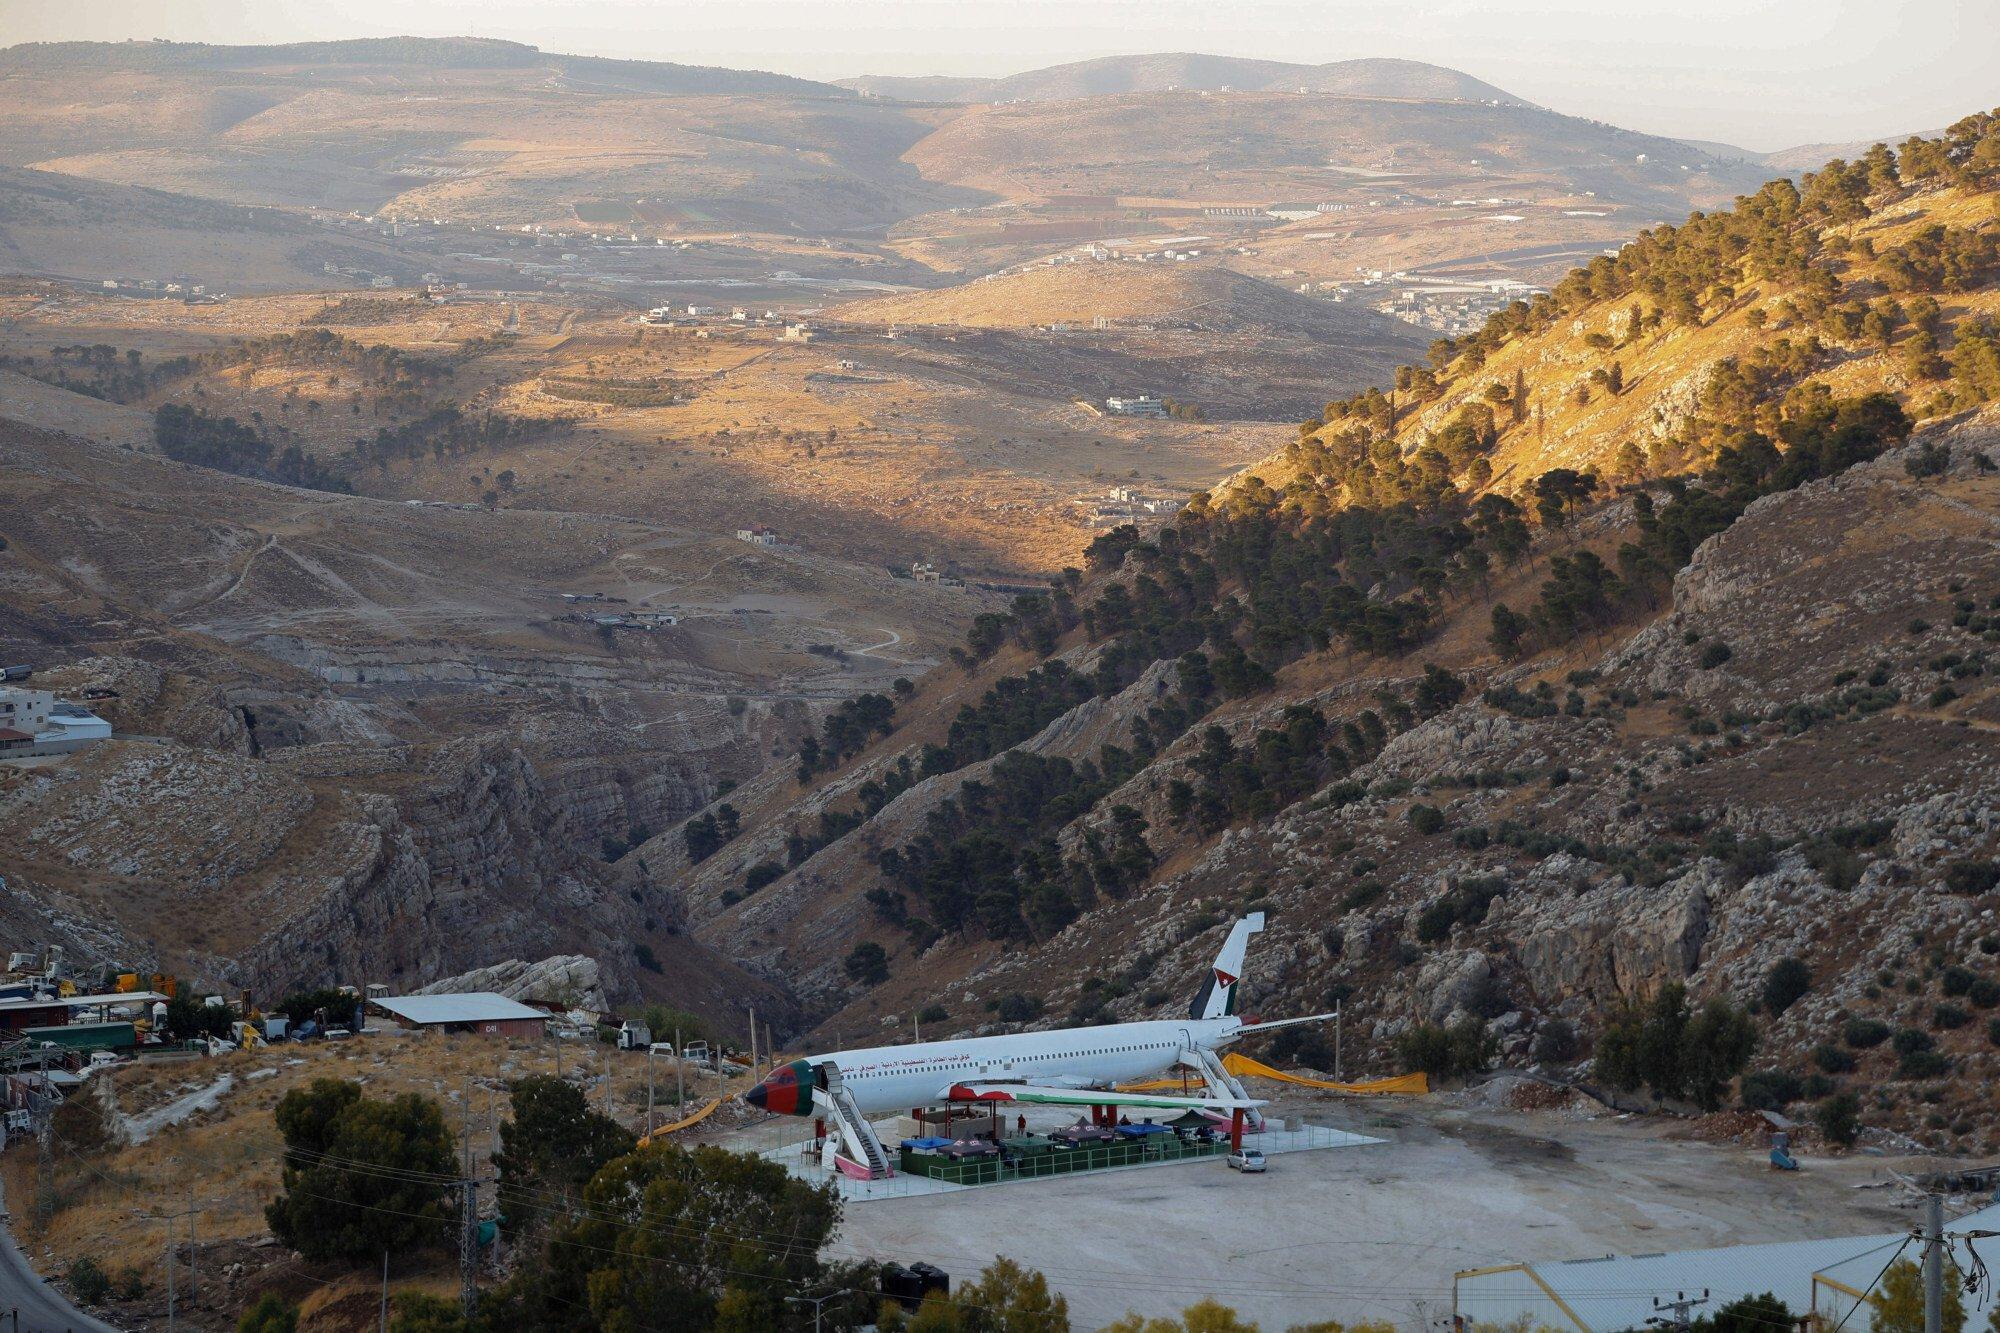 Hiện chiếc máy bay đã được cải tạo thành nhà hàng và nằm nép mình giữa vùng đá núi ở Nablus. Ảnh: AP